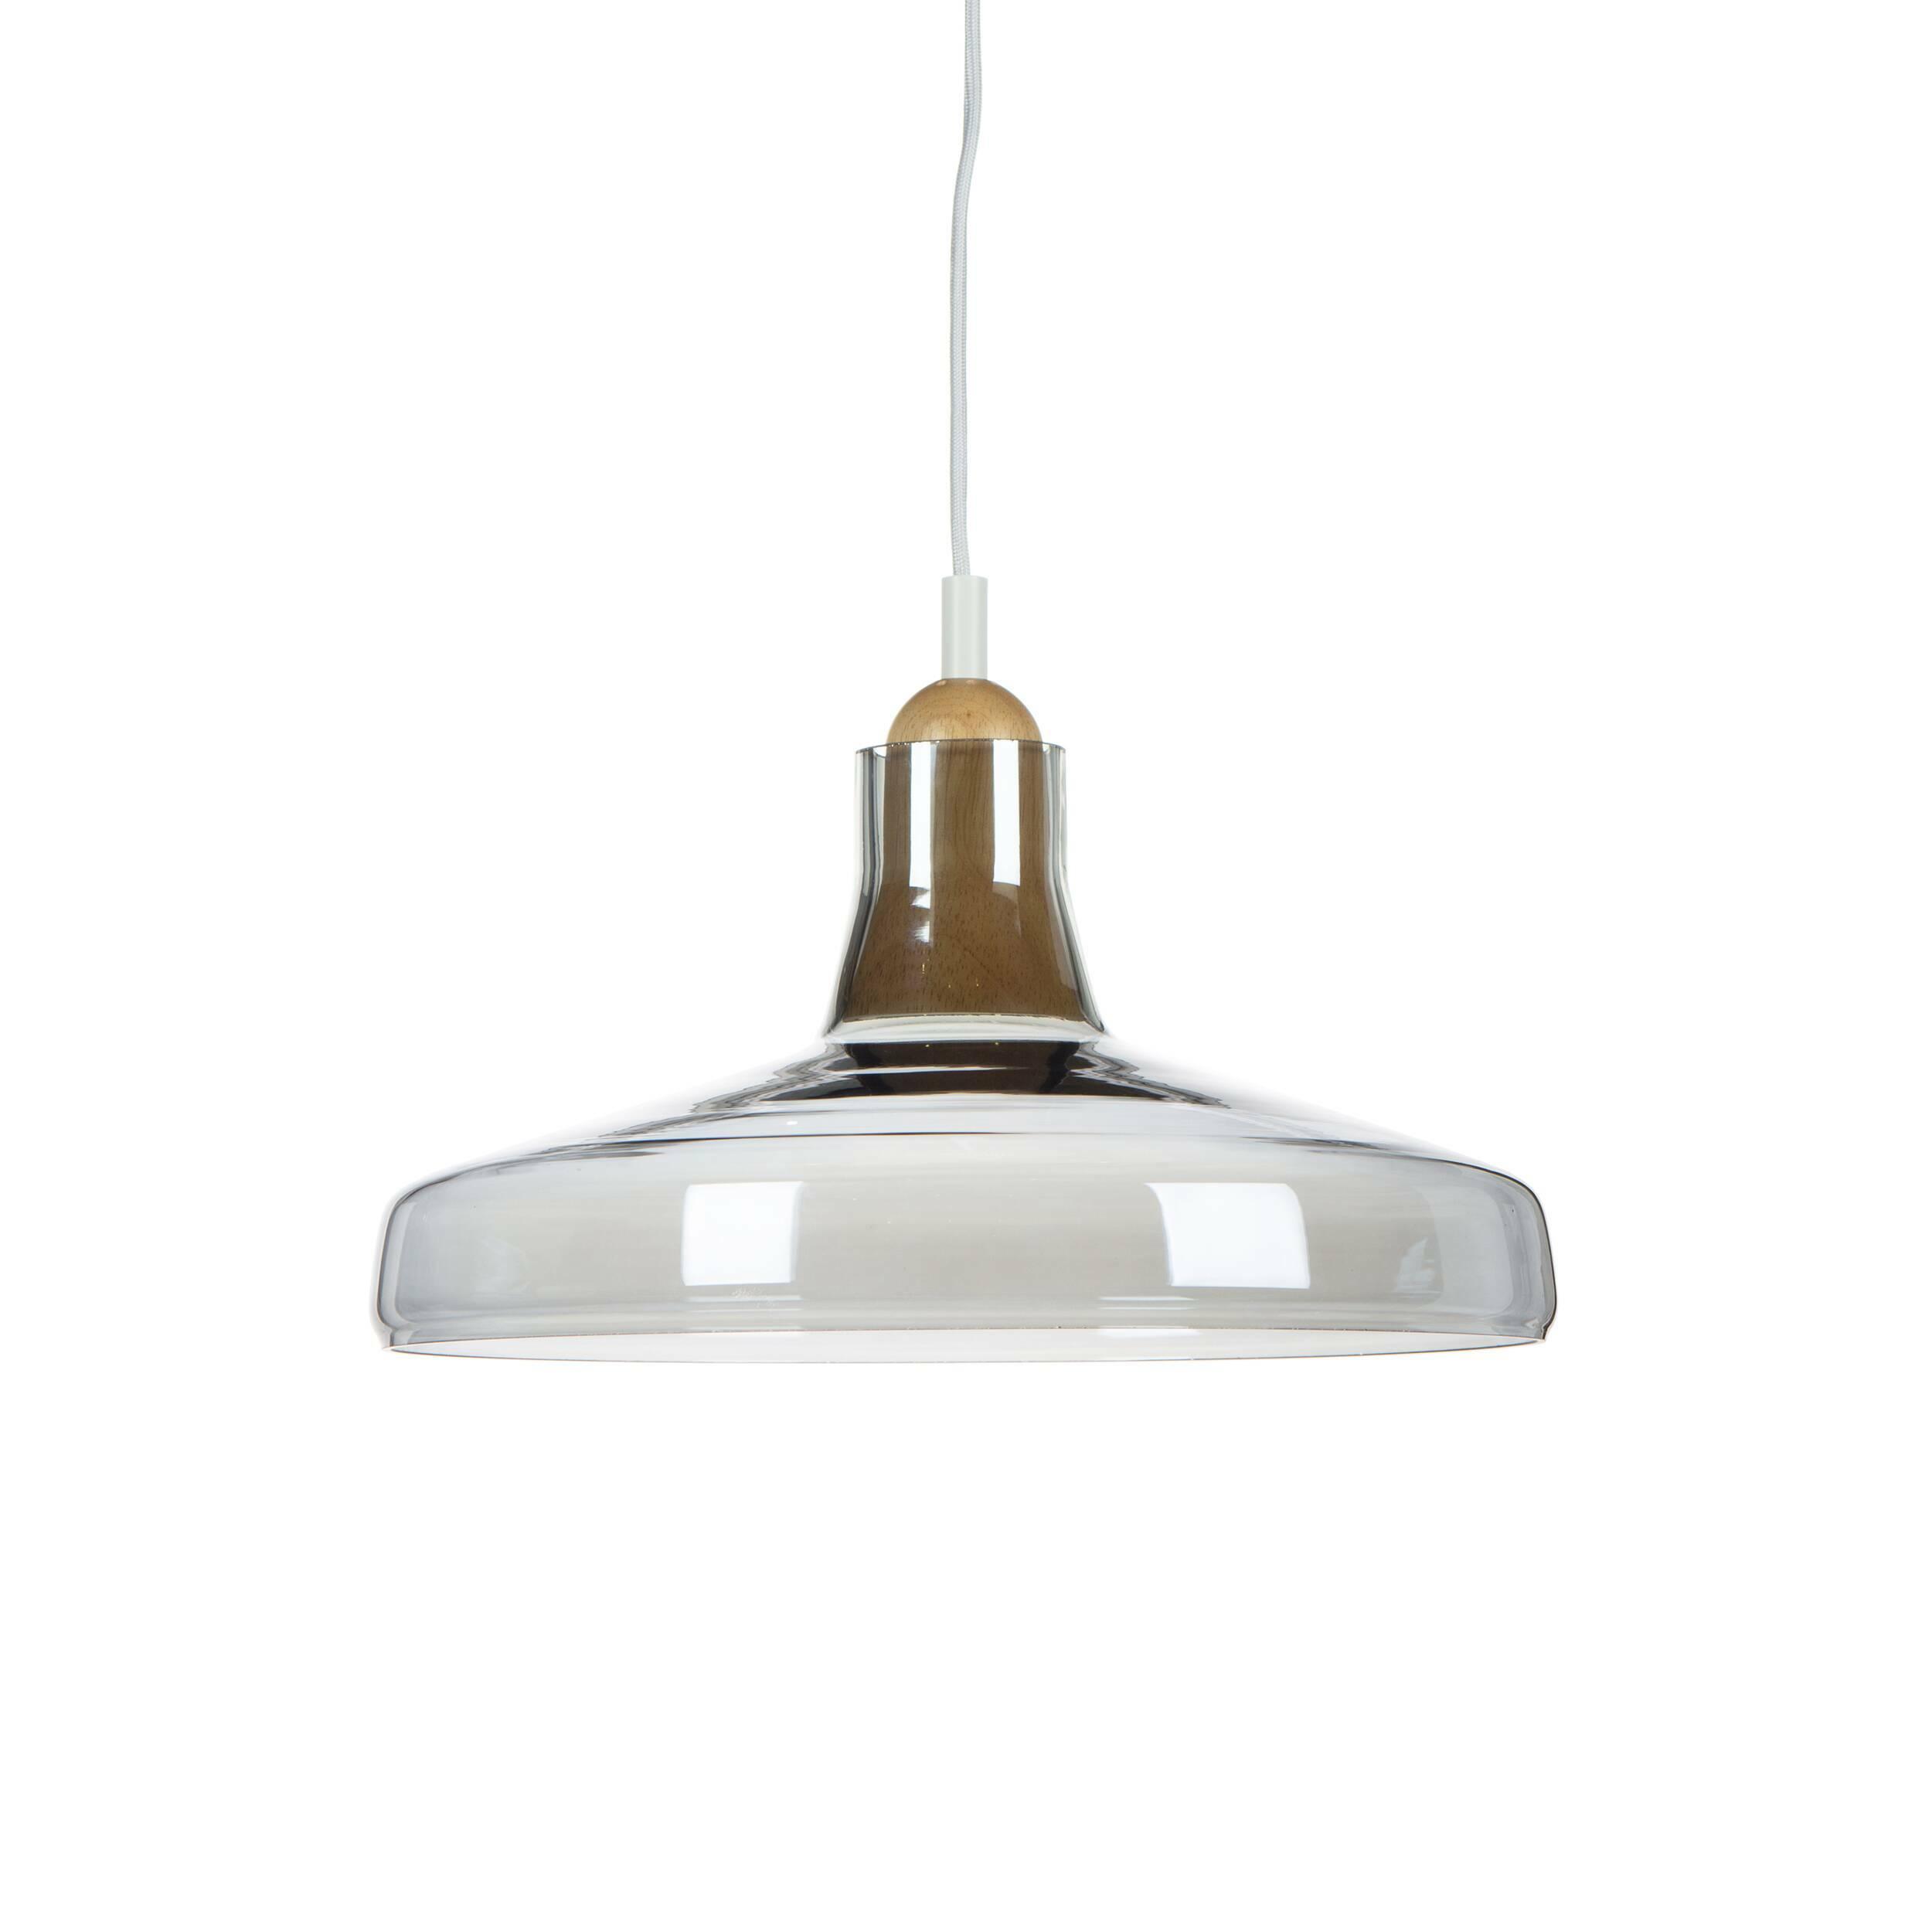 Подвесной светильник Verre диаметр 40Подвесные<br>Подвесной светильник Verre диаметр 40 — одна из моделей подвесных светильников одноименной коллекции. Светильники доступны в различных цветах, благодаря чему использовать в различных интерьерах очень просто. <br><br> Светильник выполнен в стиле хай-тек. Отсутствие украшений, серые цвета и глянцевые покрытия — все это неизменные атрибуты стиля, появившегося еще в семидесятые годы прошлого столетия. Как и конструктивизм, этот стиль любит правильную геометрию, плавные обтекаемые формы. <br><br><br> Свет...<br><br>stock: 0<br>Высота: 150<br>Диаметр: 40<br>Количество ламп: 1<br>Материал абажура: Стекло<br>Материал арматуры: Дерево<br>Мощность лампы: 4<br>Ламп в комплекте: Нет<br>Напряжение: 220<br>Тип лампы/цоколь: LED<br>Цвет абажура: Синий